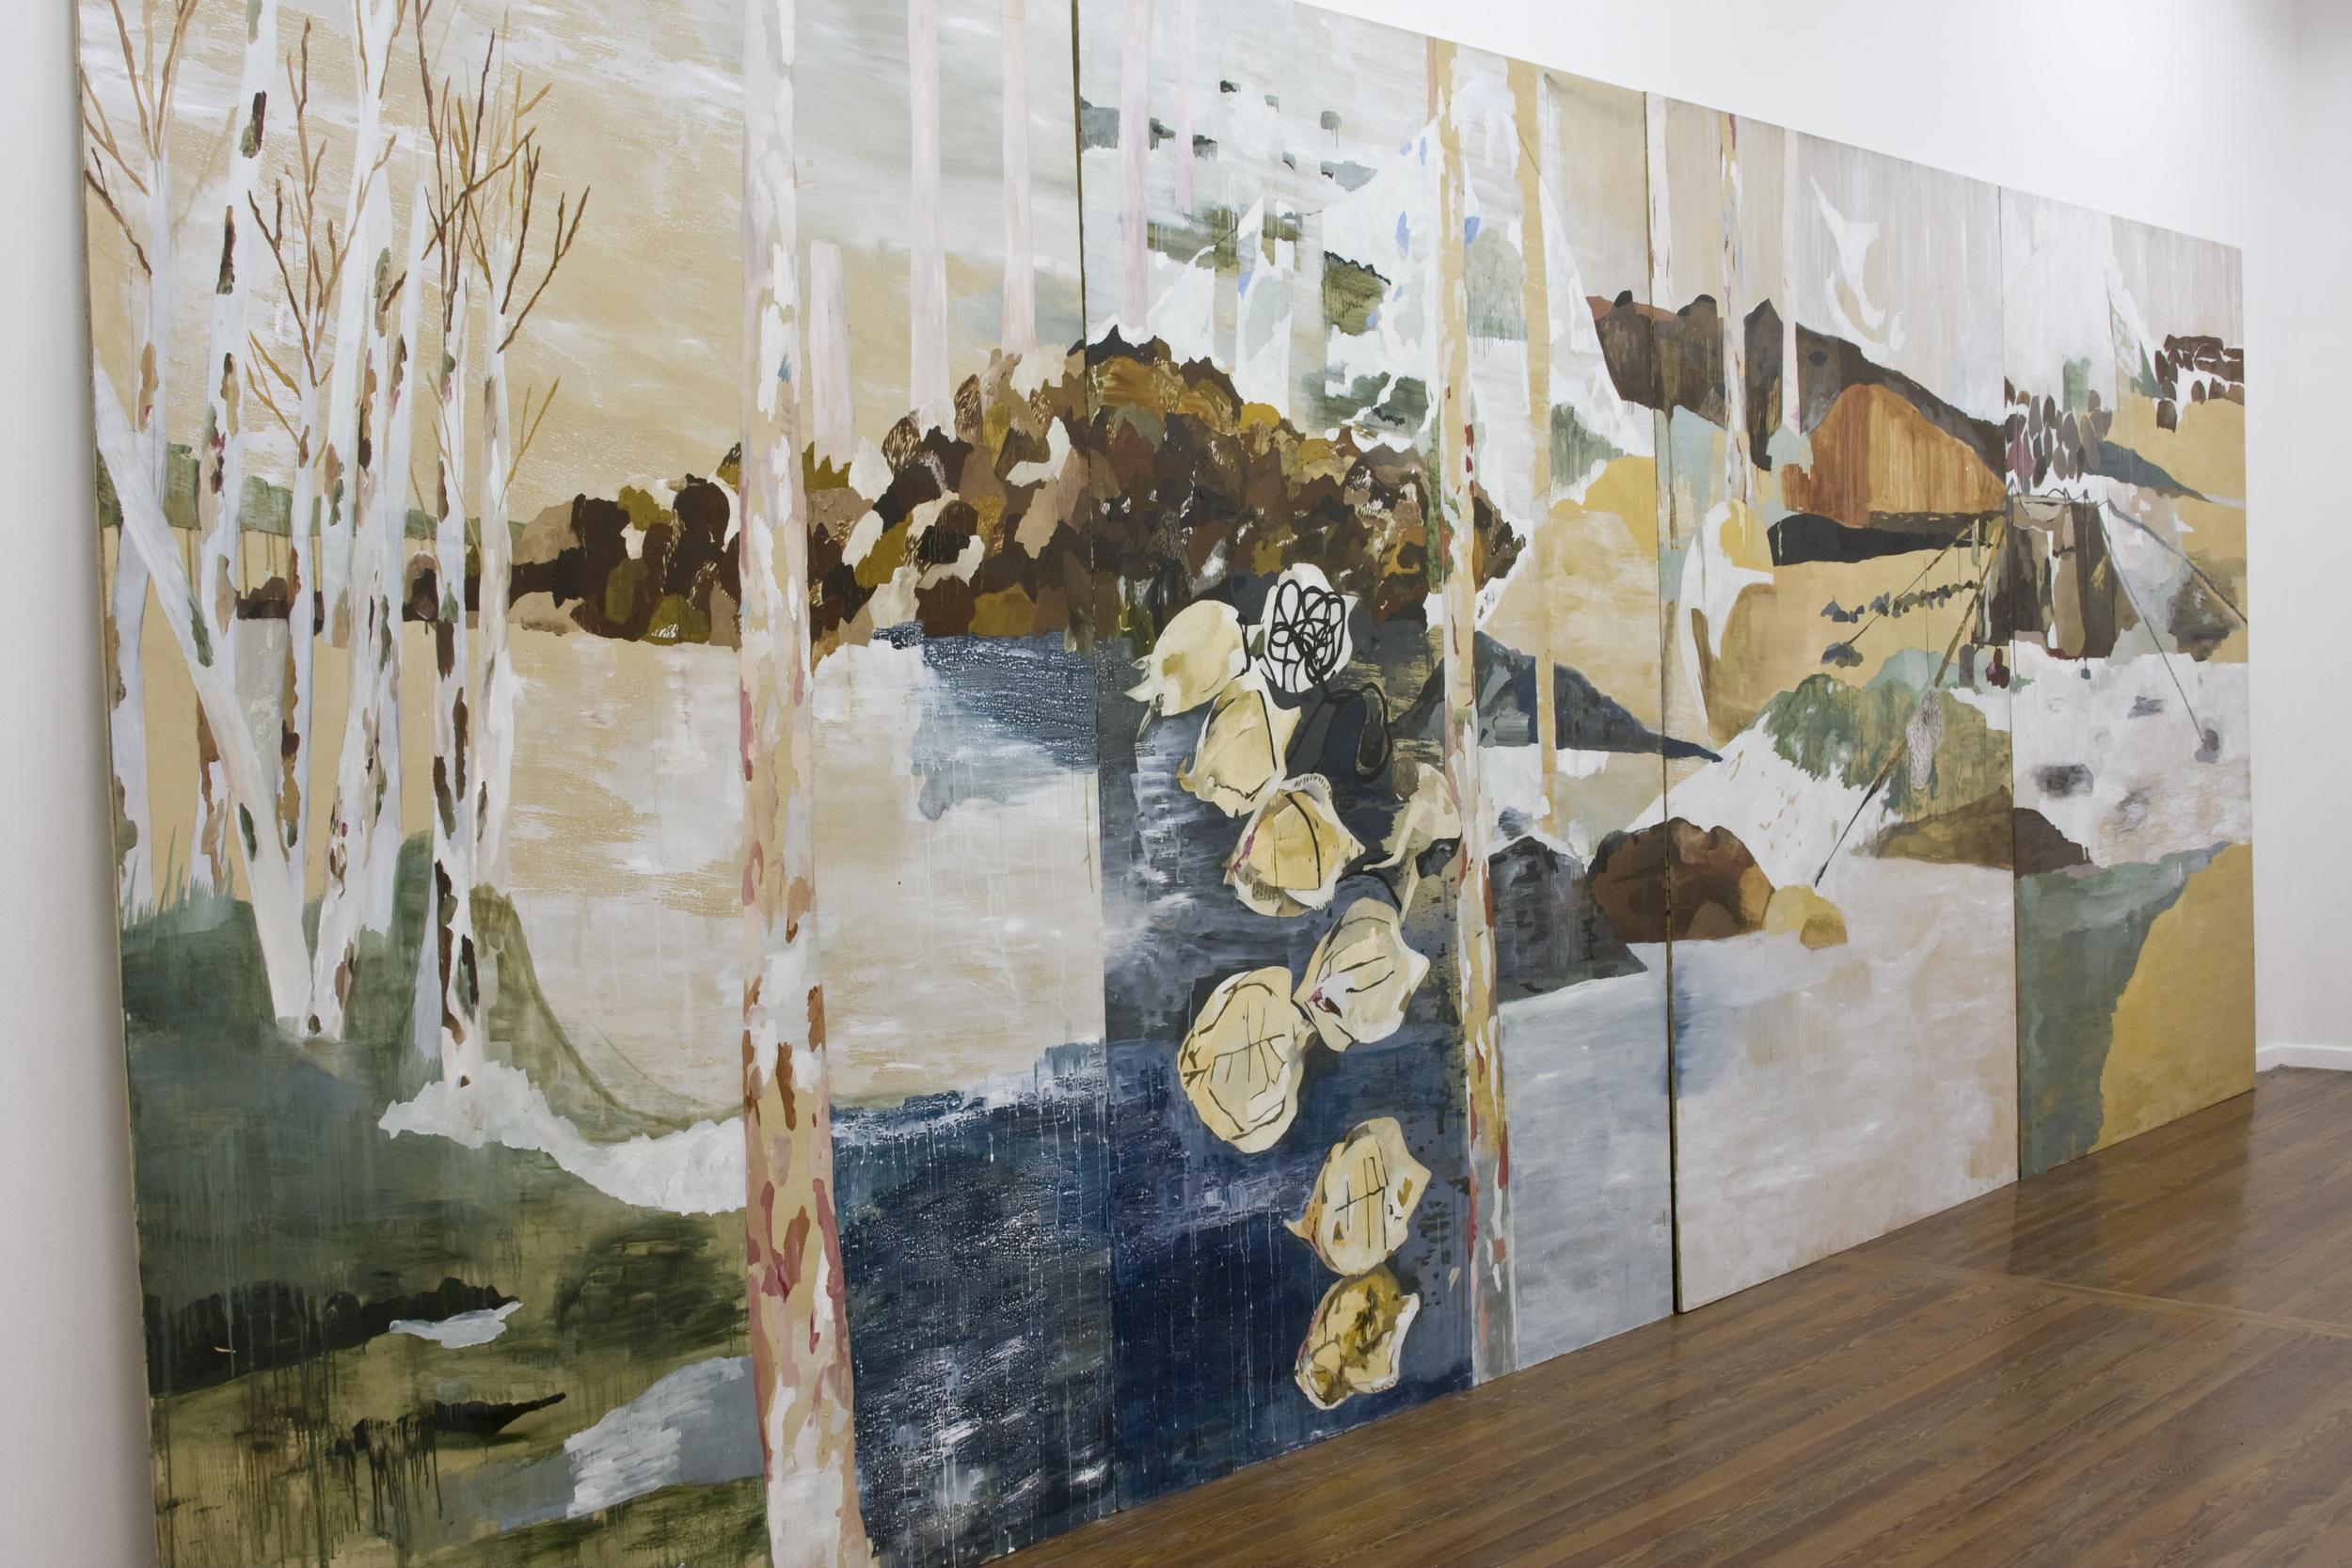 orilla, 2009, 4 paneles de 2.60 x 1.80 m .jpg